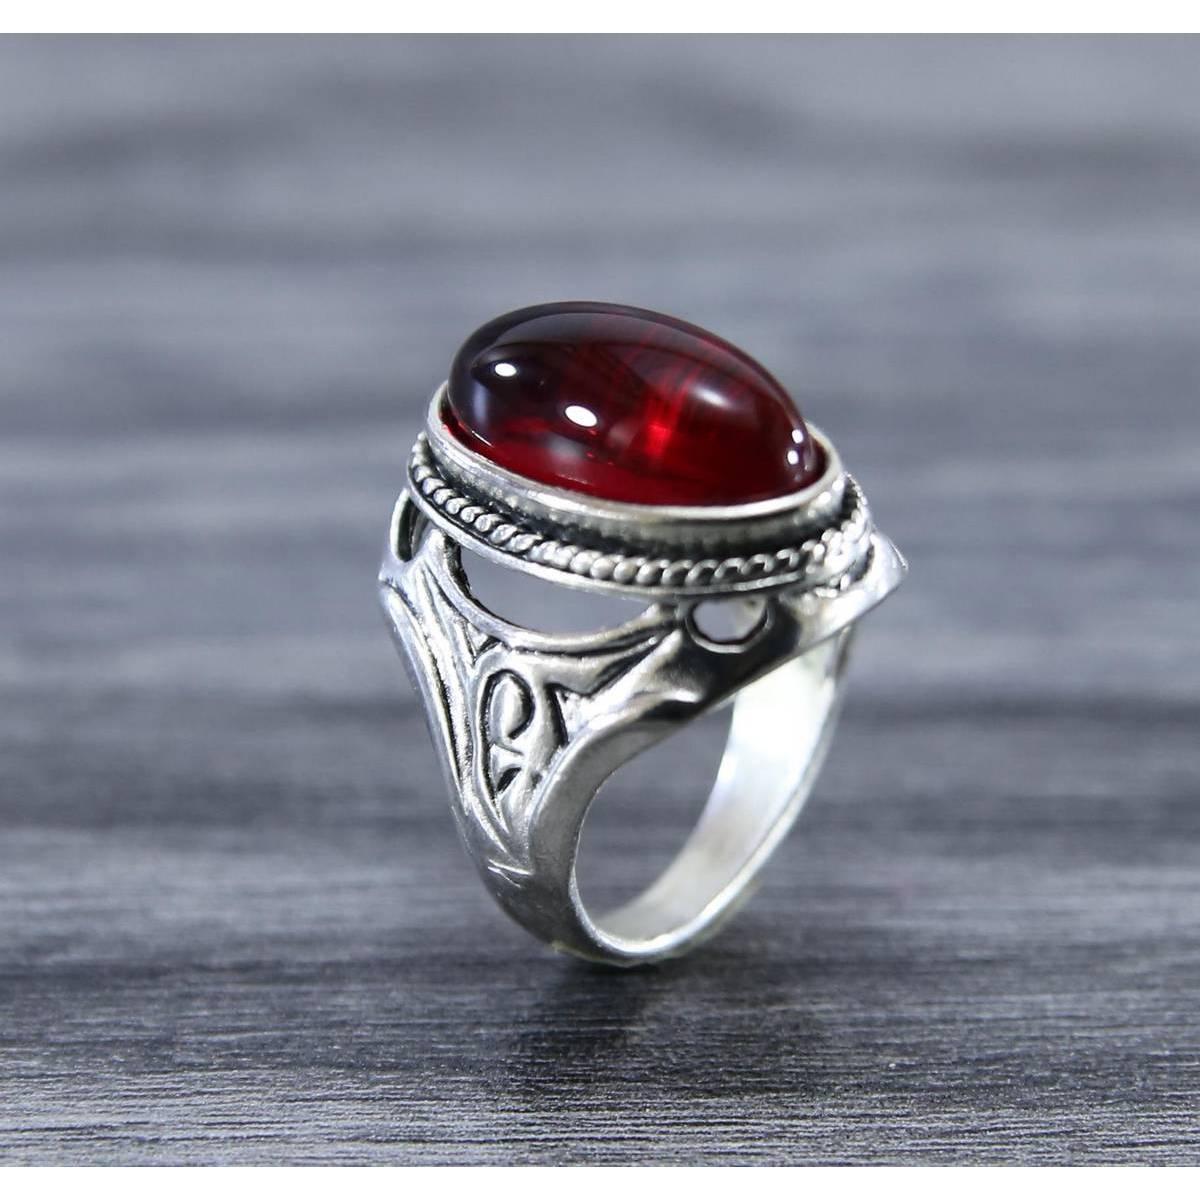 New Trendy Irani Silver RED Enamel Signet Ring Stainless Steel Ring For Men & Boys